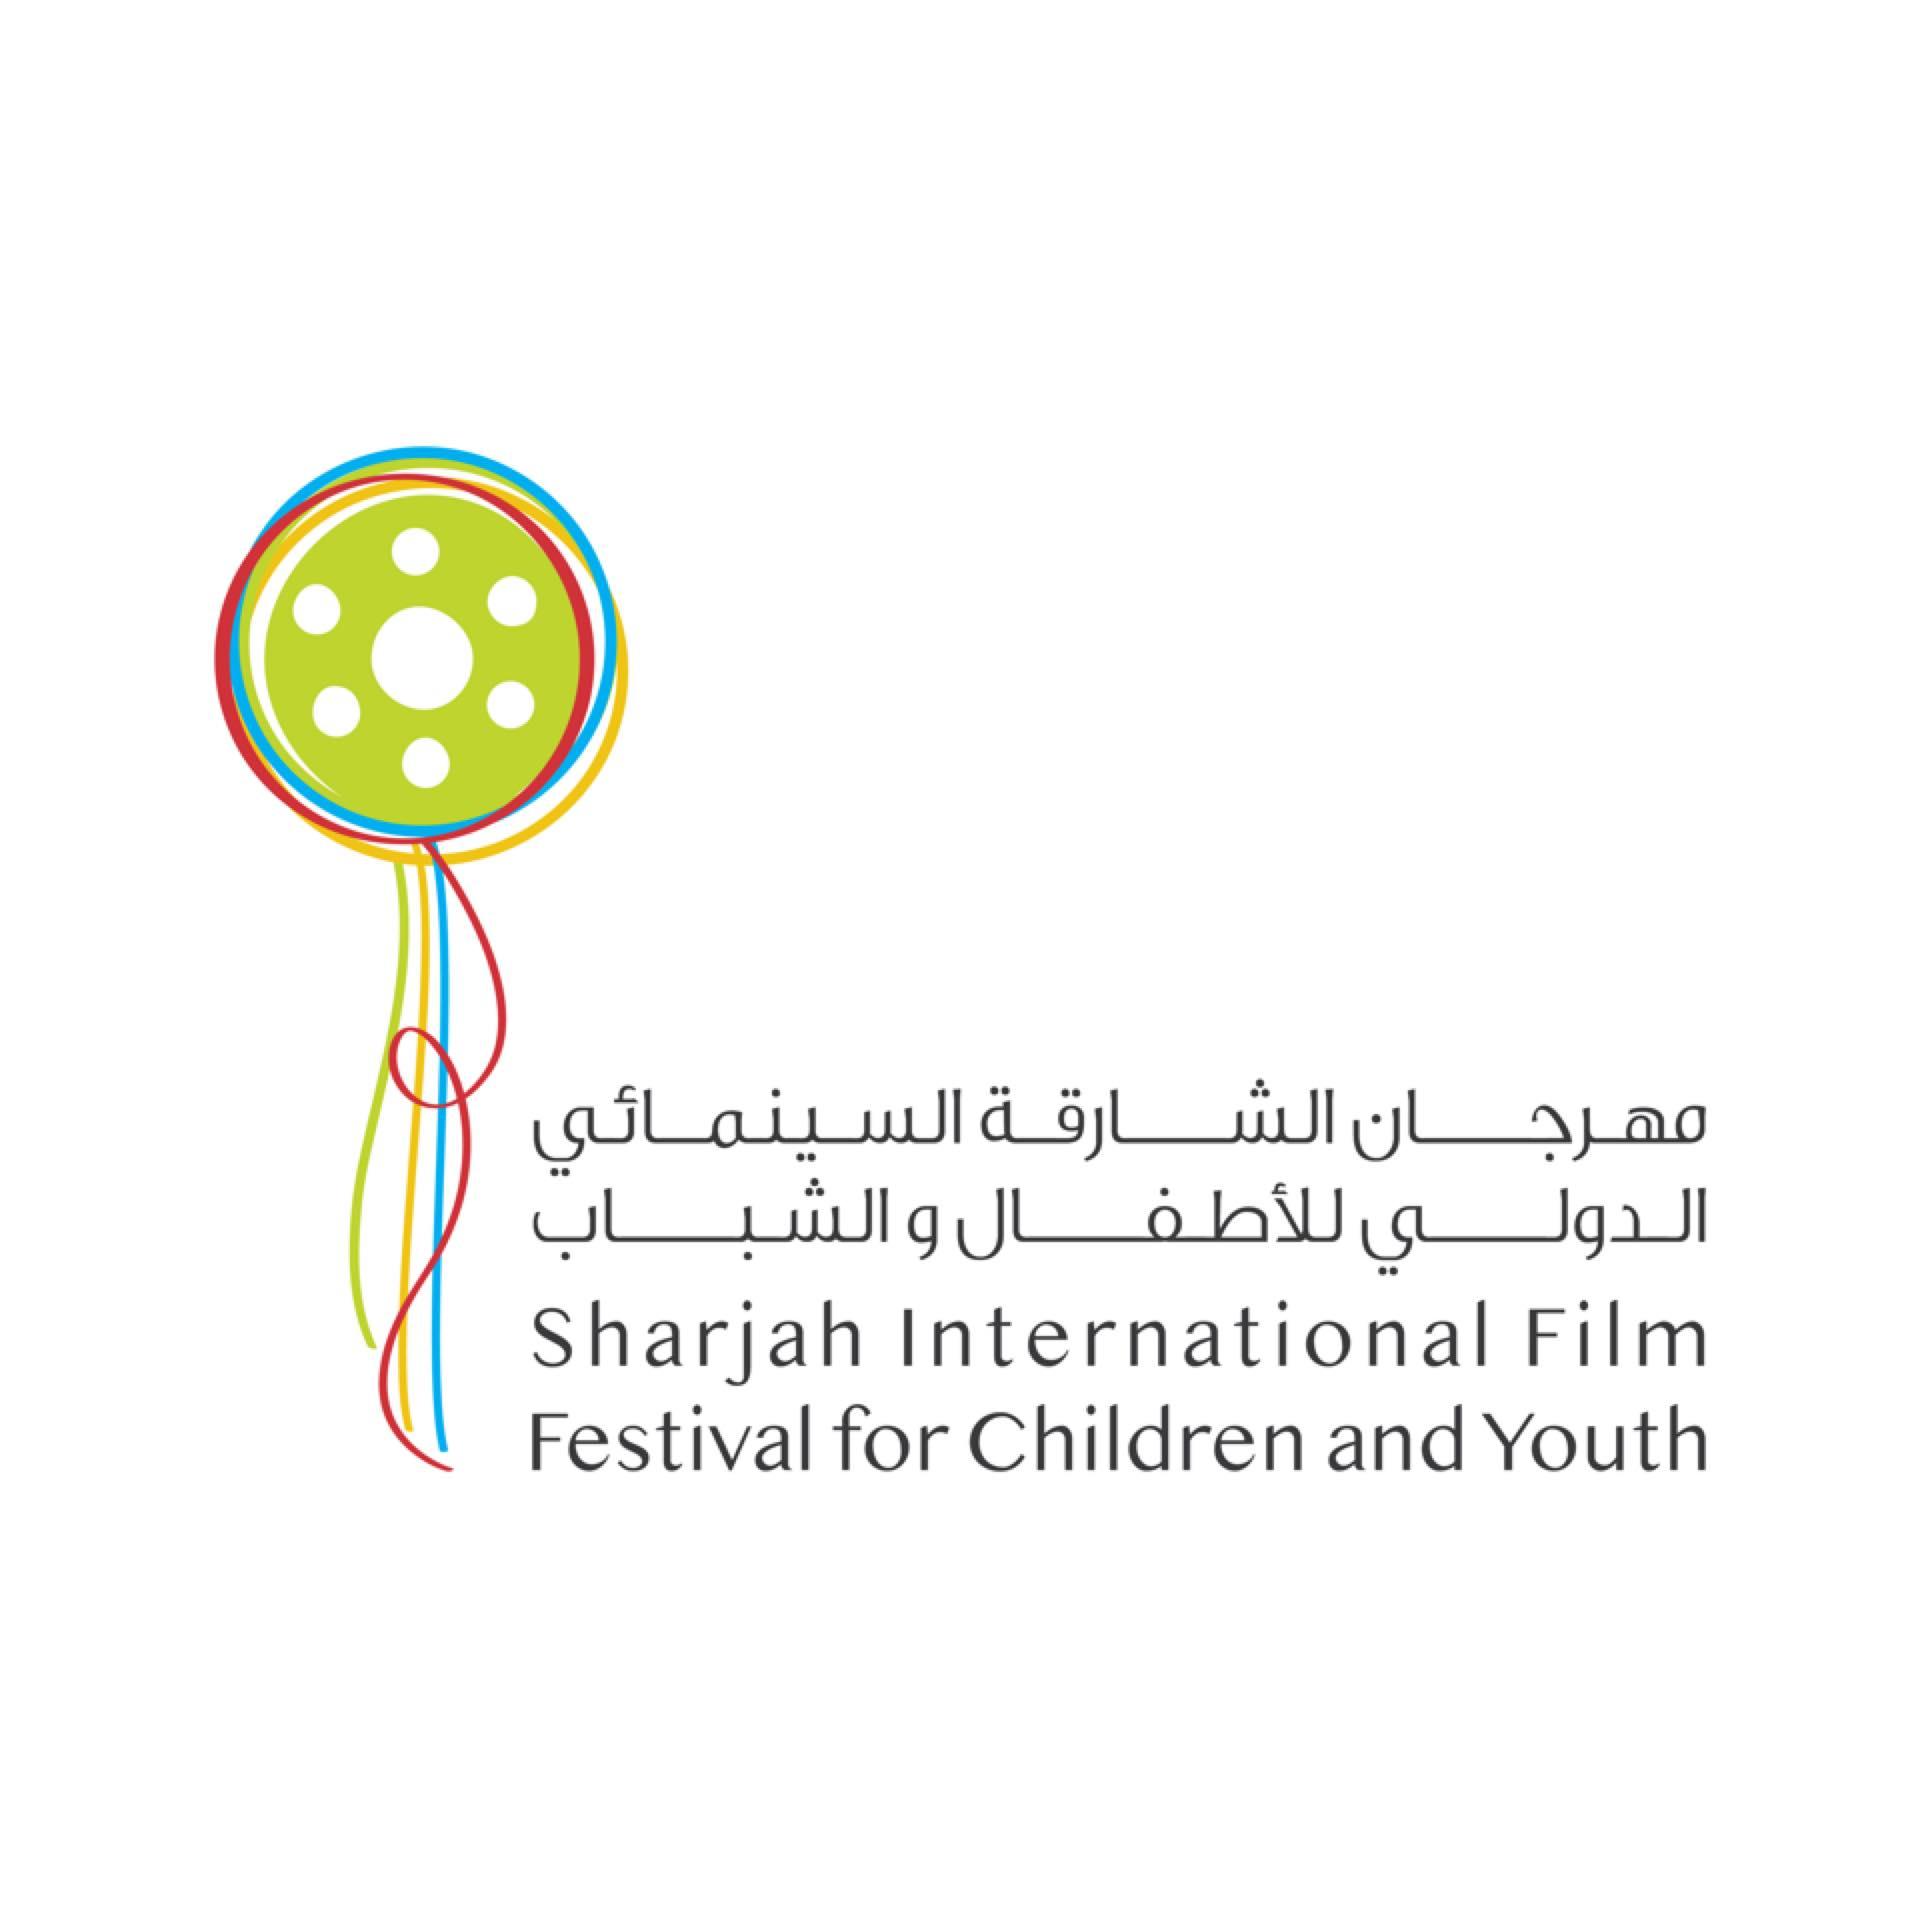 النسخة الثامنة من مهرجان الشارقة السينمائي الدولي للأطفال والشباب